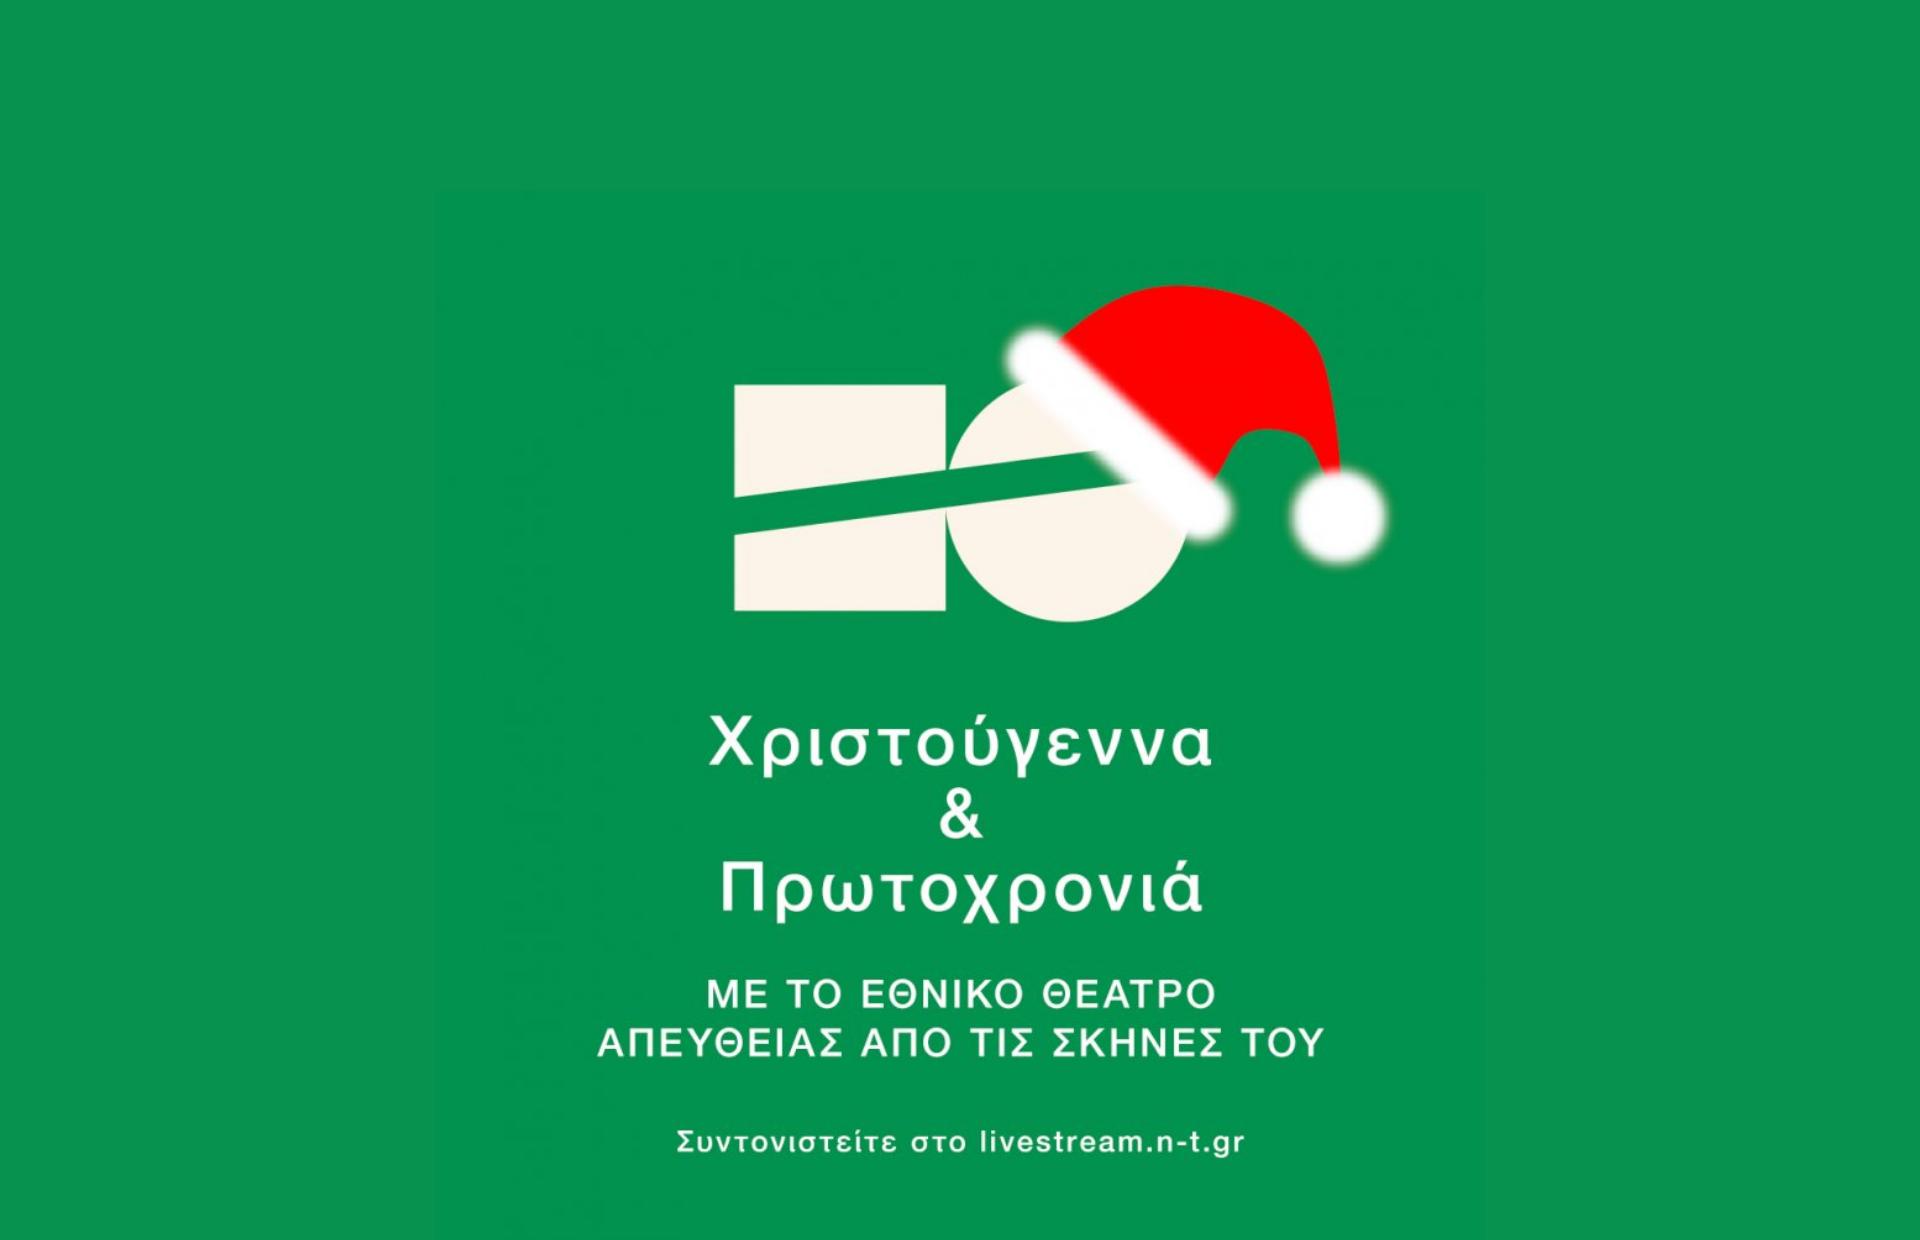 Χριστούγεννα και Πρωτοχρονιά με Live Streaming & Click away από το Εθνικό Θέατρο!